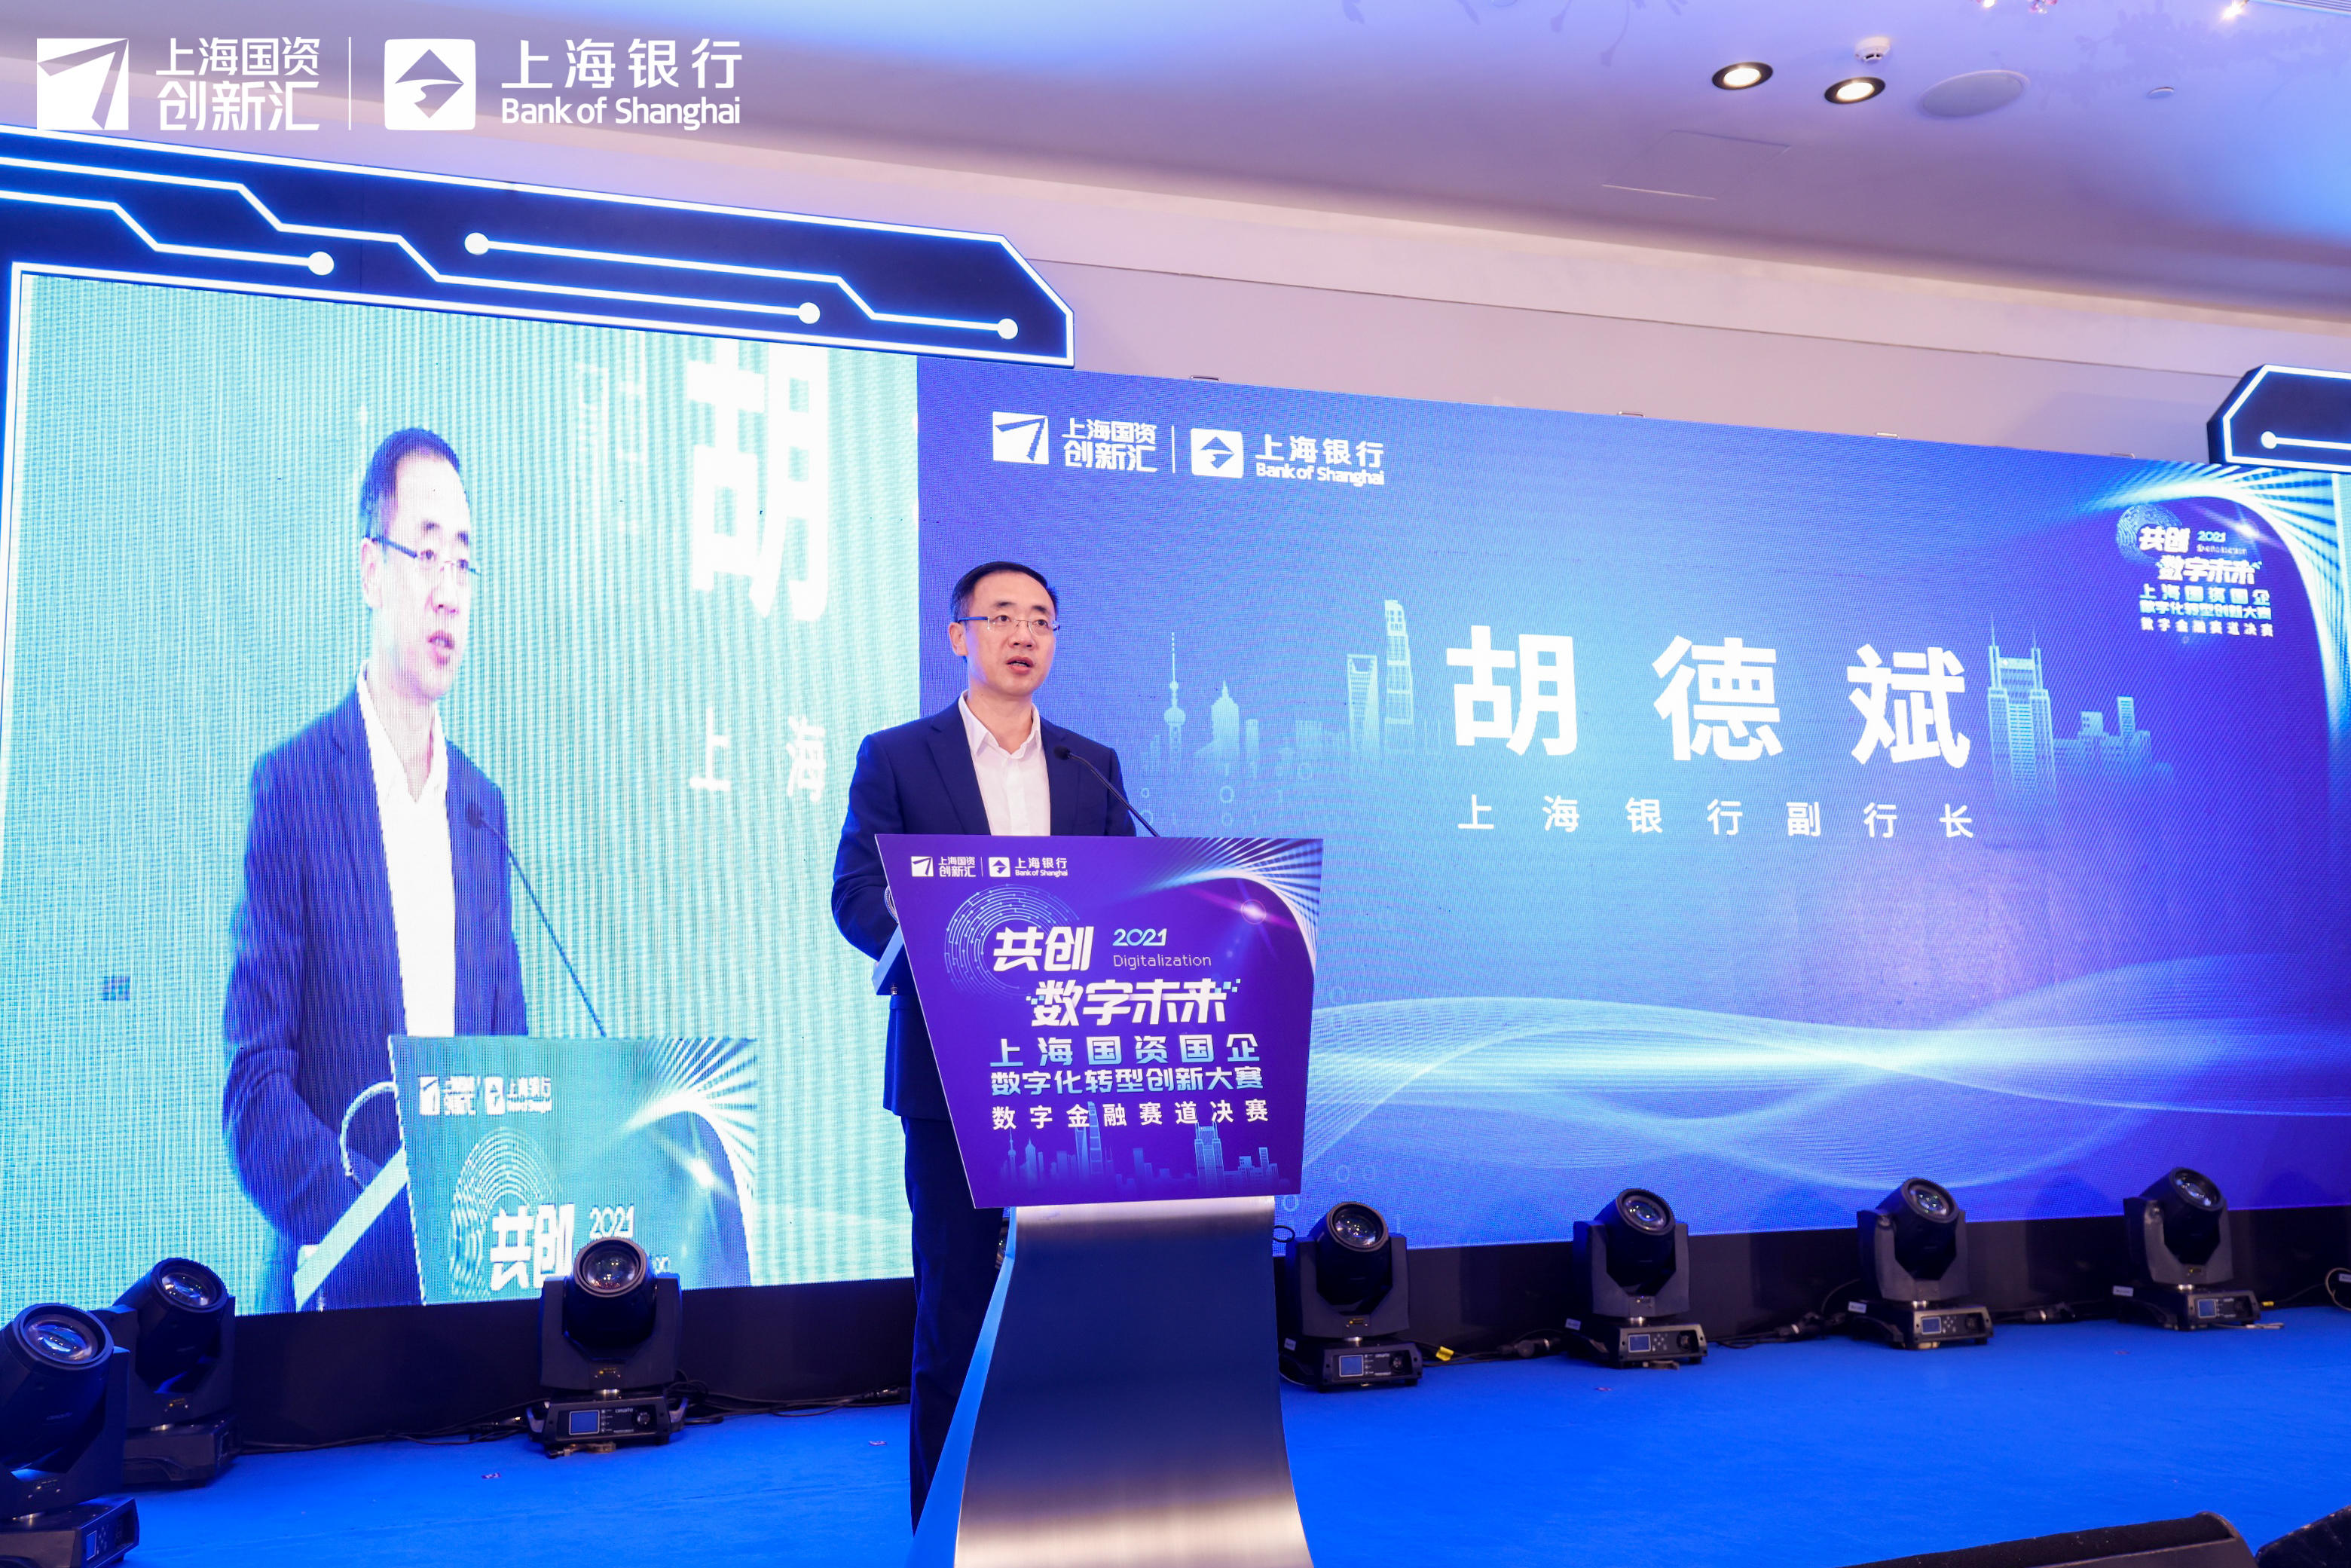 上海银行副行长胡德斌致辞.jpg